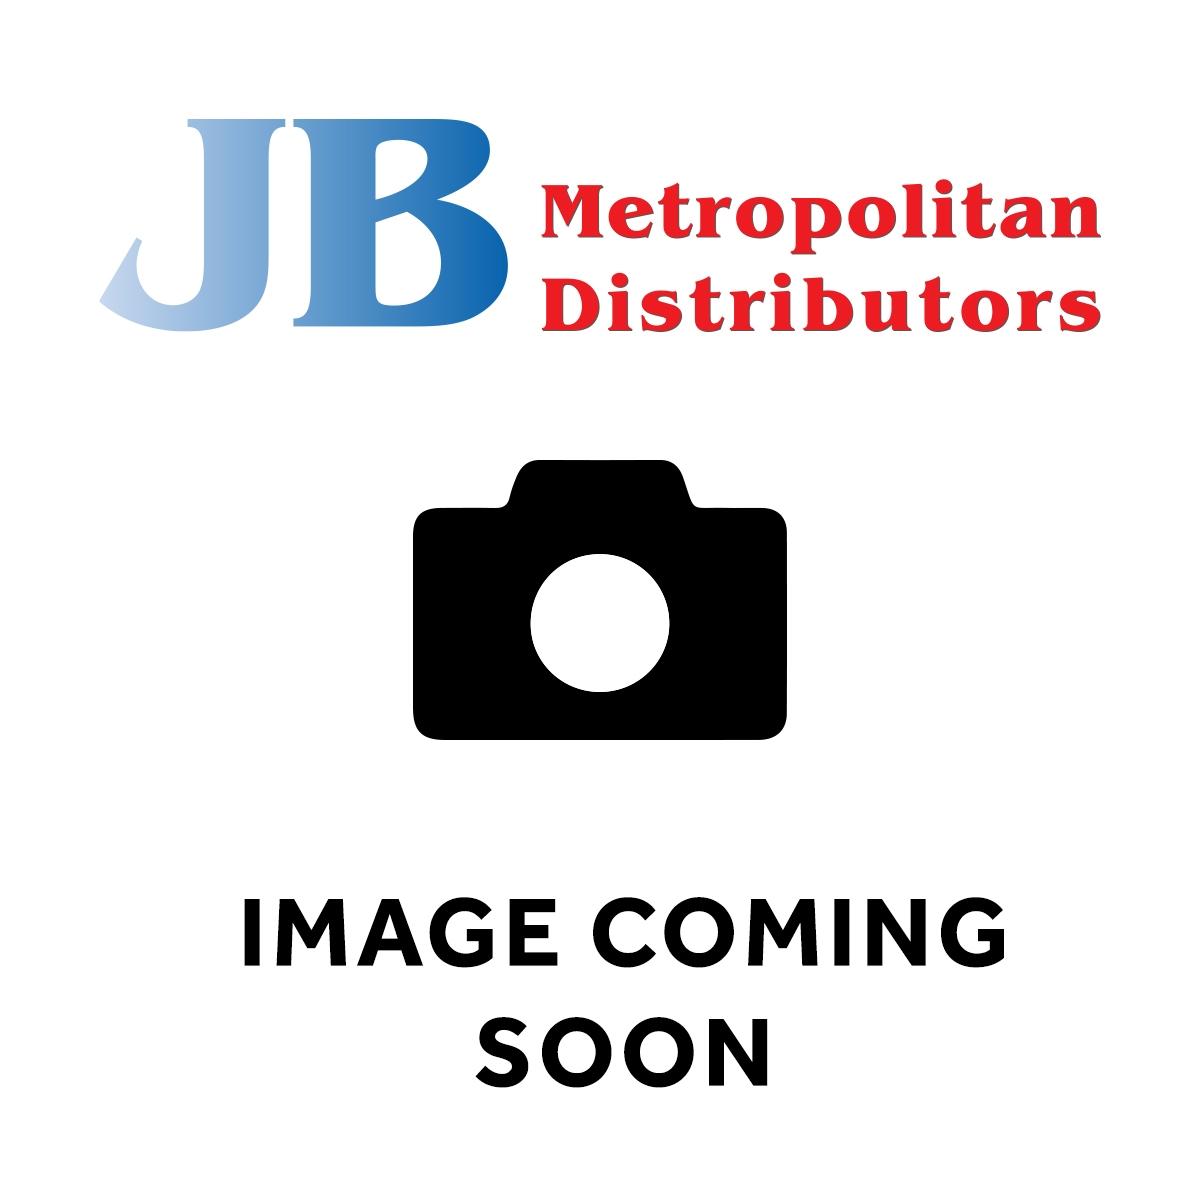 25G FISHERMAN'S FRIEND HONEY LEMON SUGAR FREE